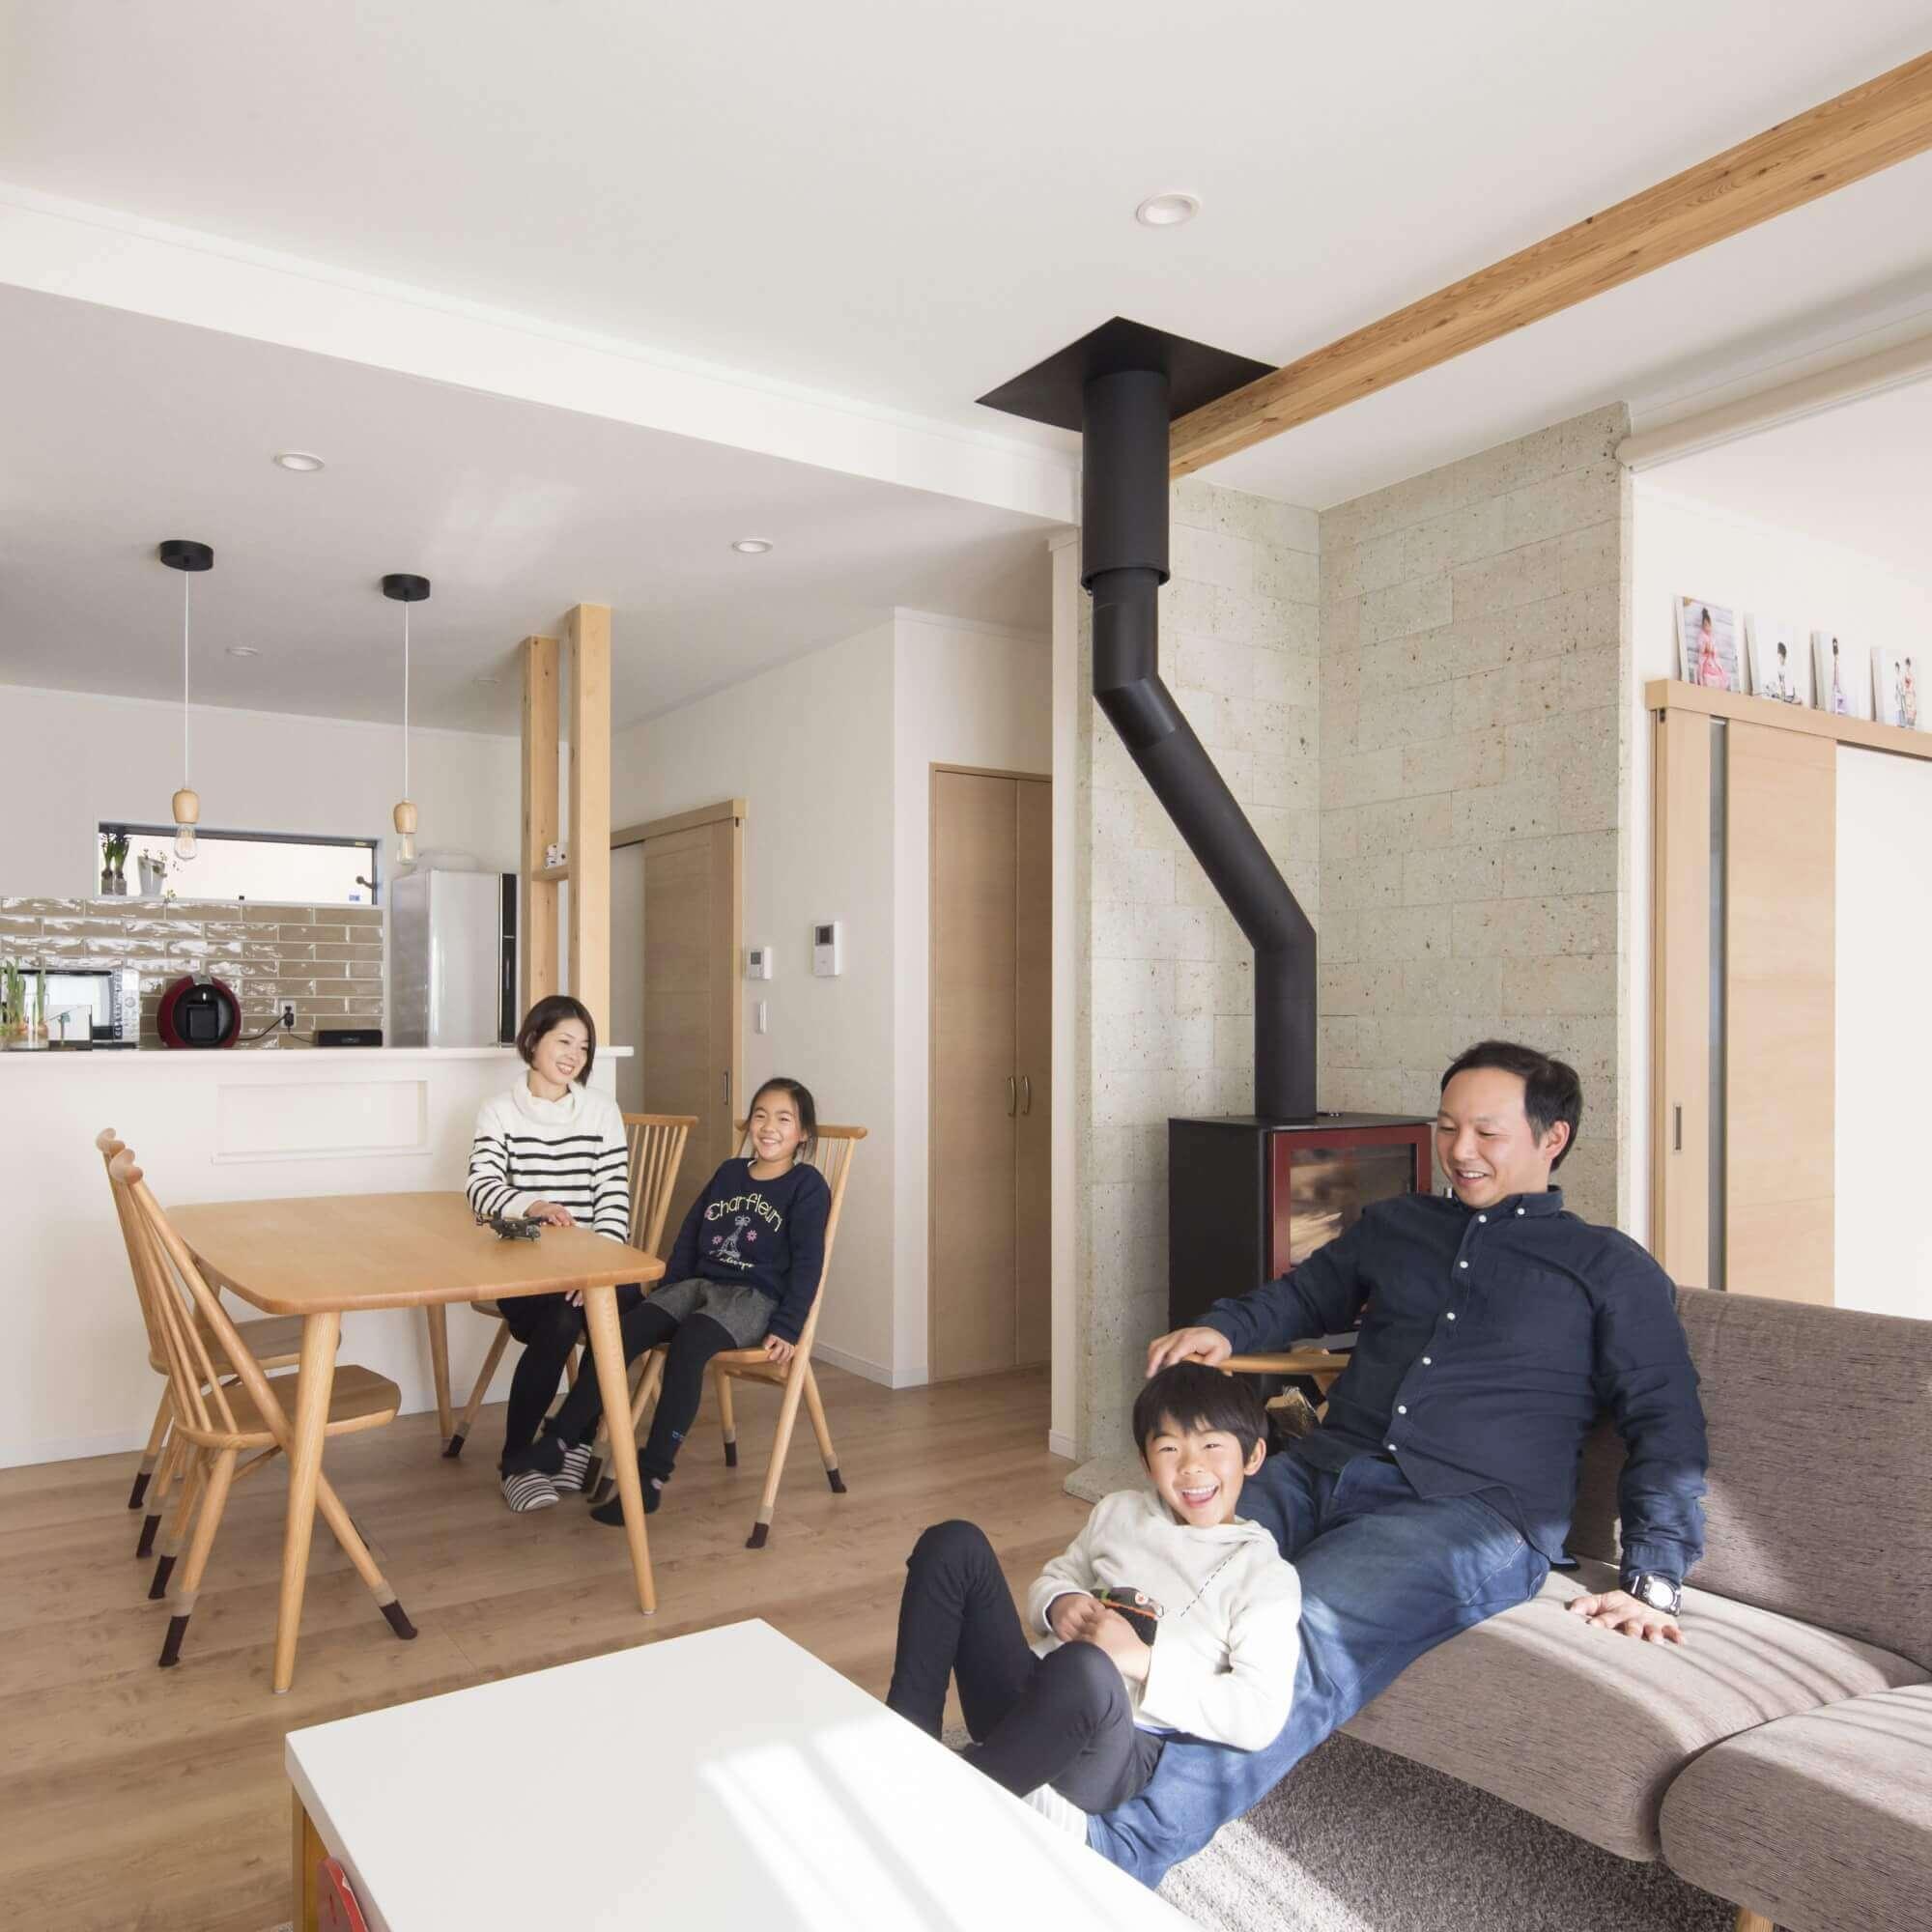 鹿沼市の注文住宅事例 リビングと家族